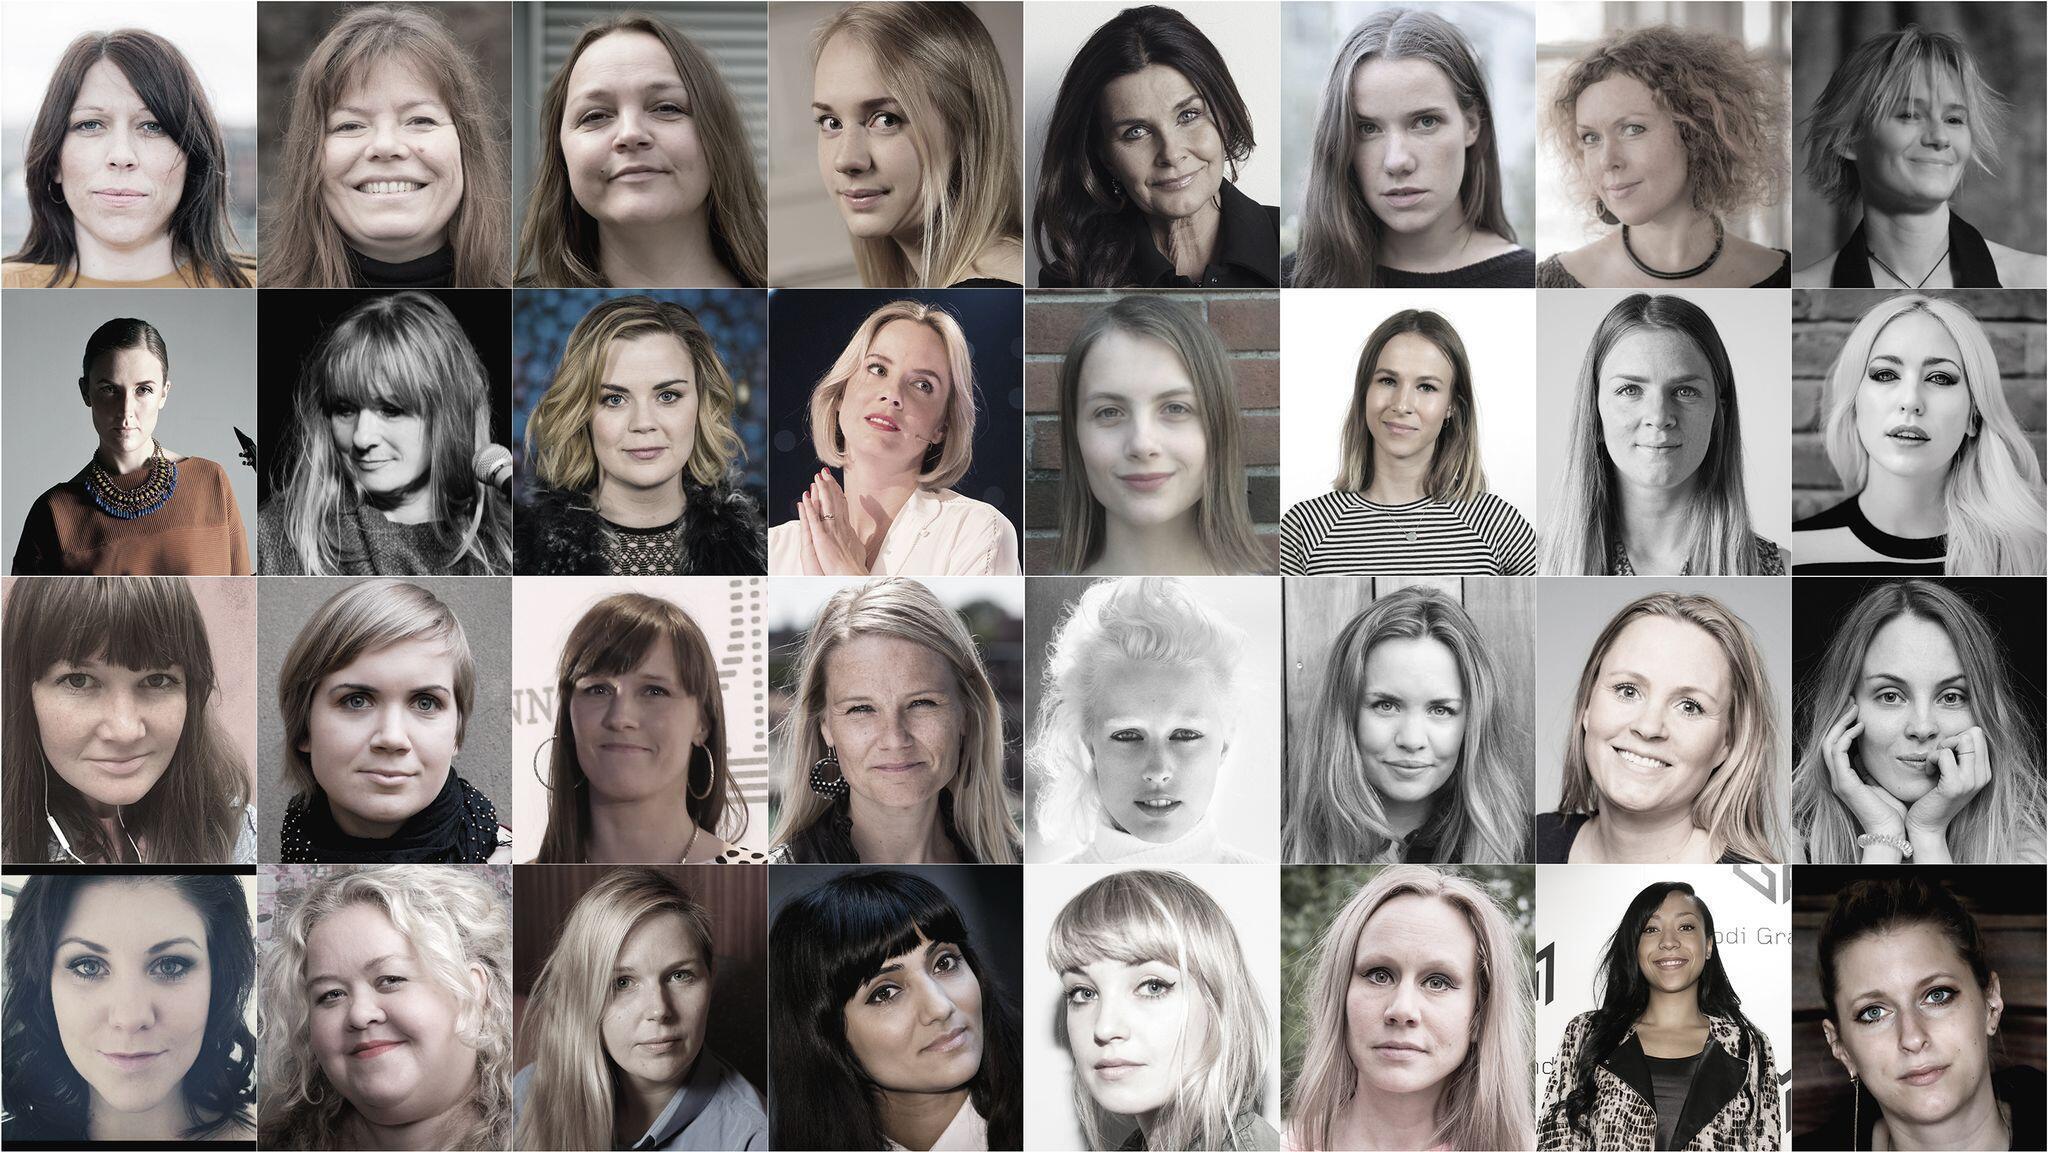 Jornal norueguês Aftenposten publicou denúncias de quase mil mulheres do meio artístico que sofreram algum tipo de agressão ou violência sexual ao longo da carreira.